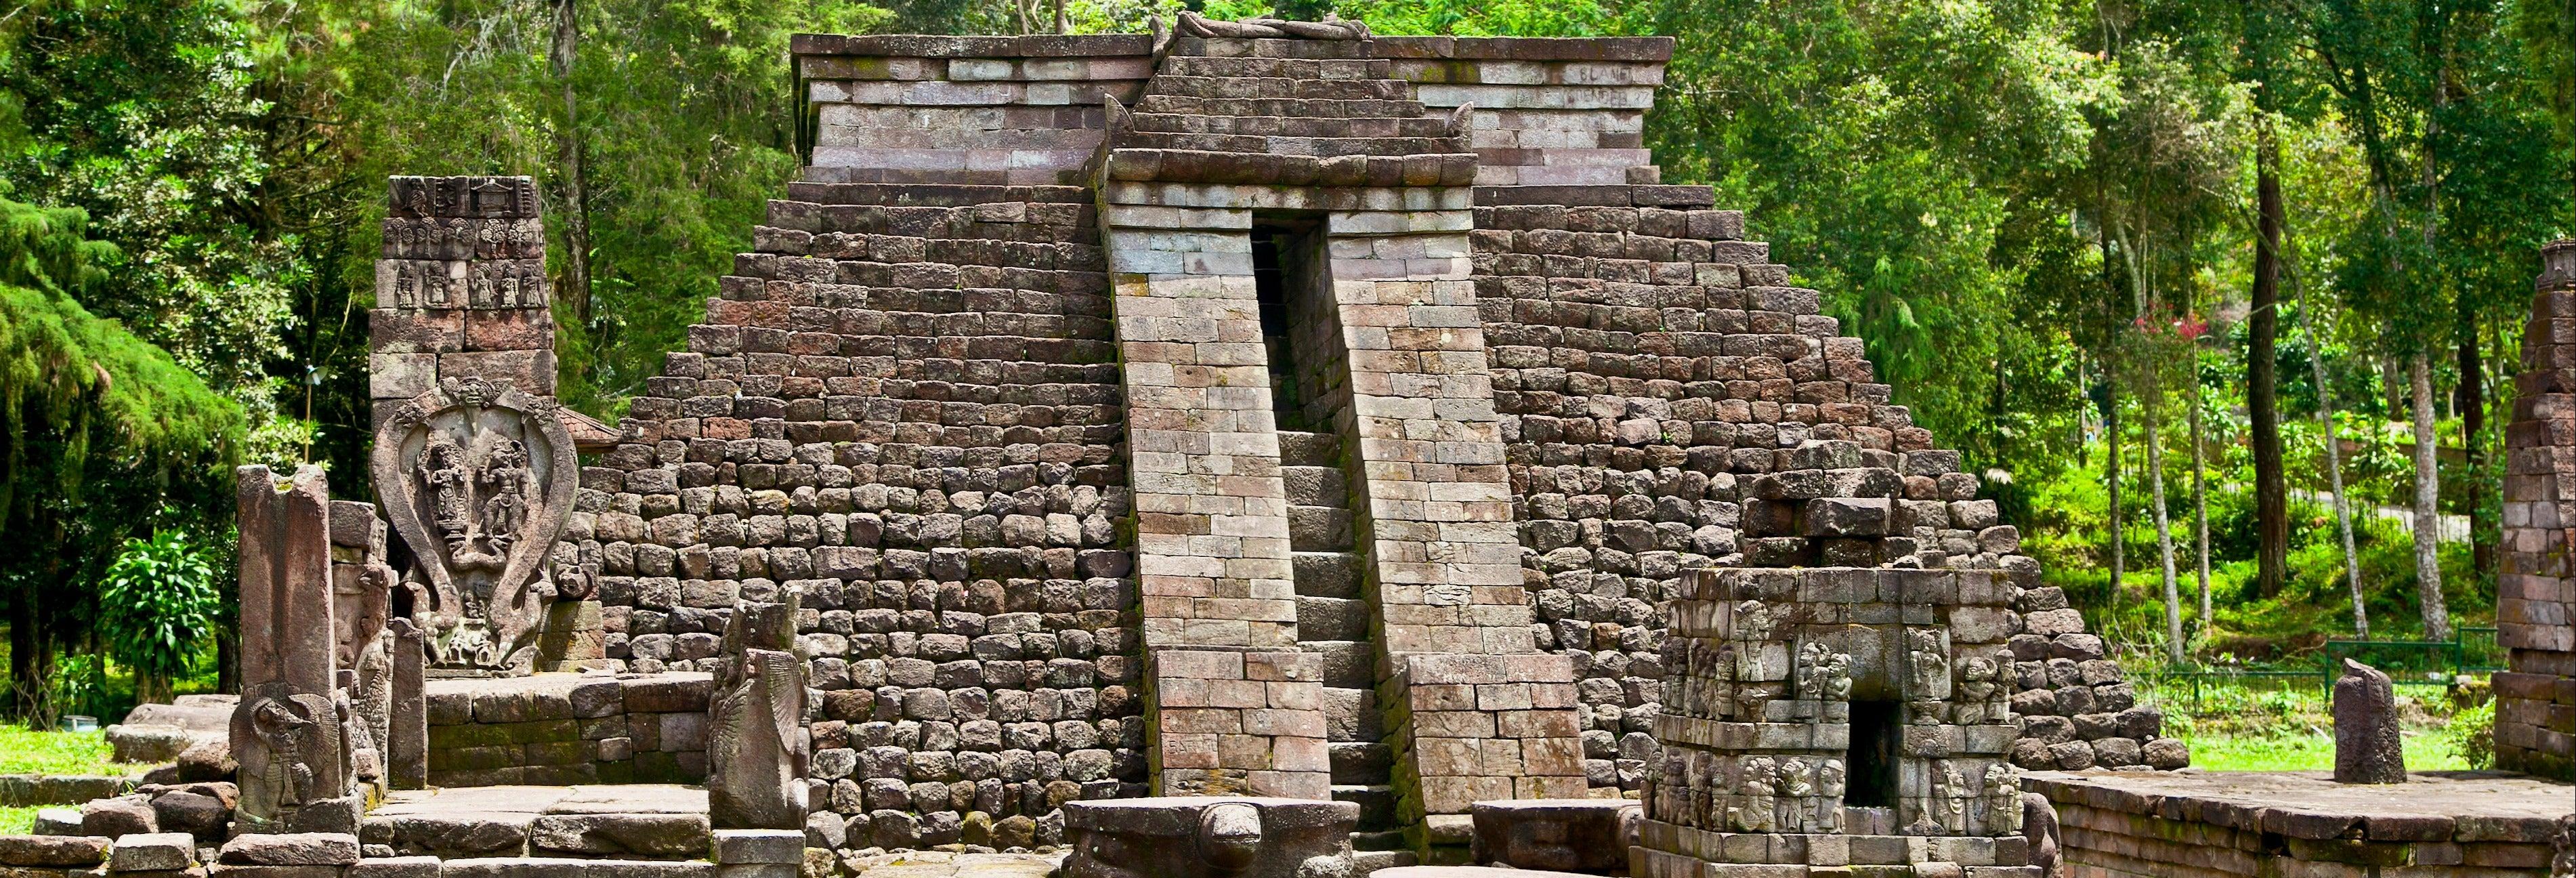 Excursão a Surakarta e templos de Ceto e Sukuh